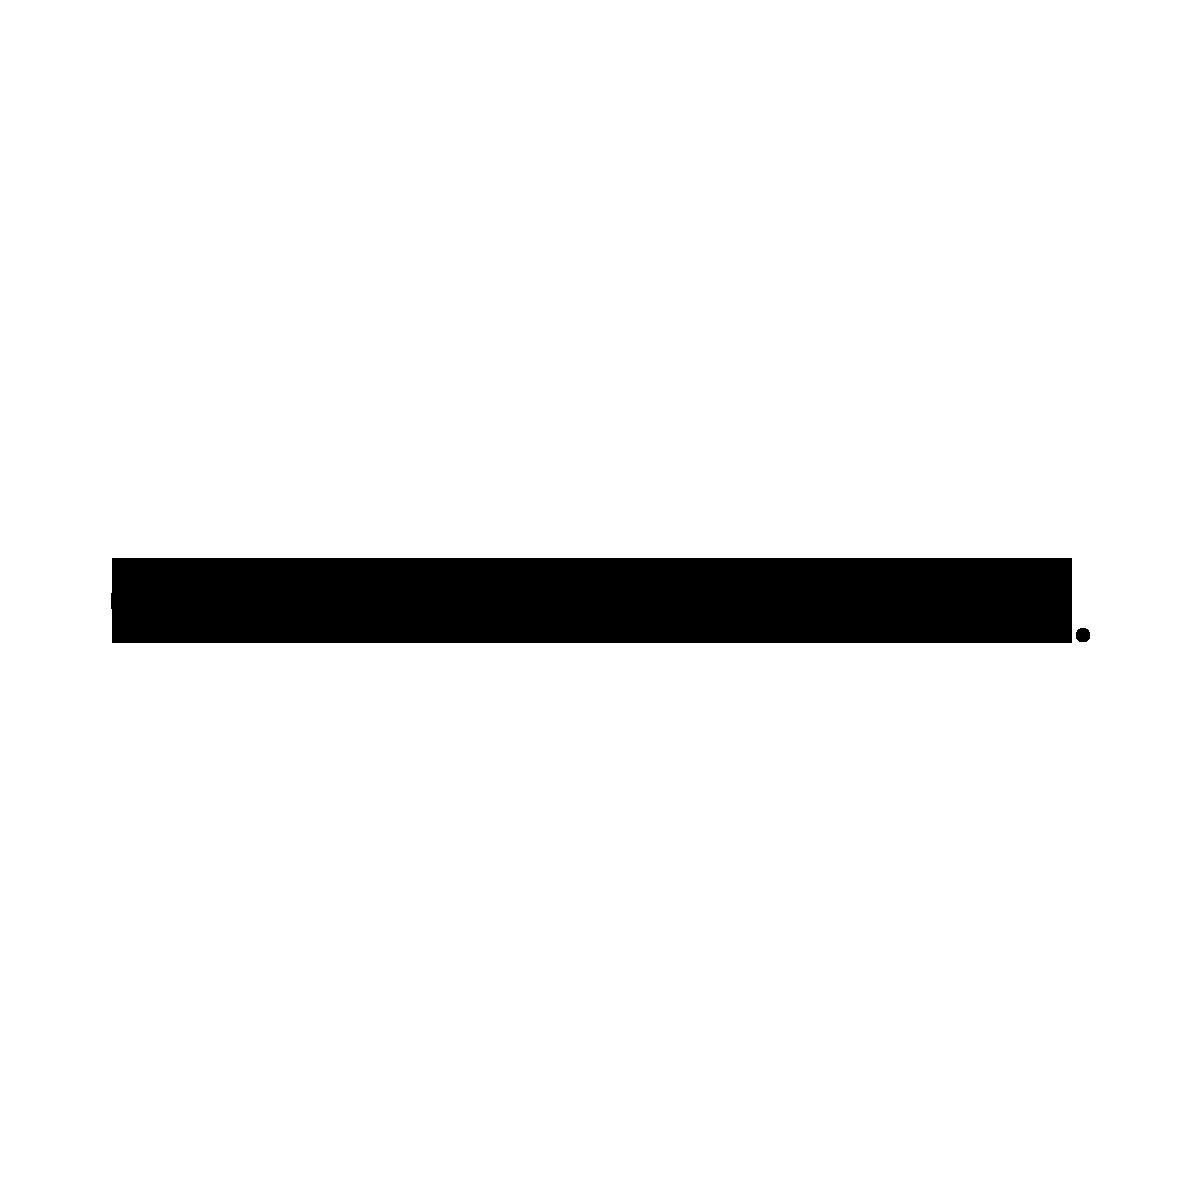 Schultertasche-per-Hand-geschliffenes-Leder-Taupe